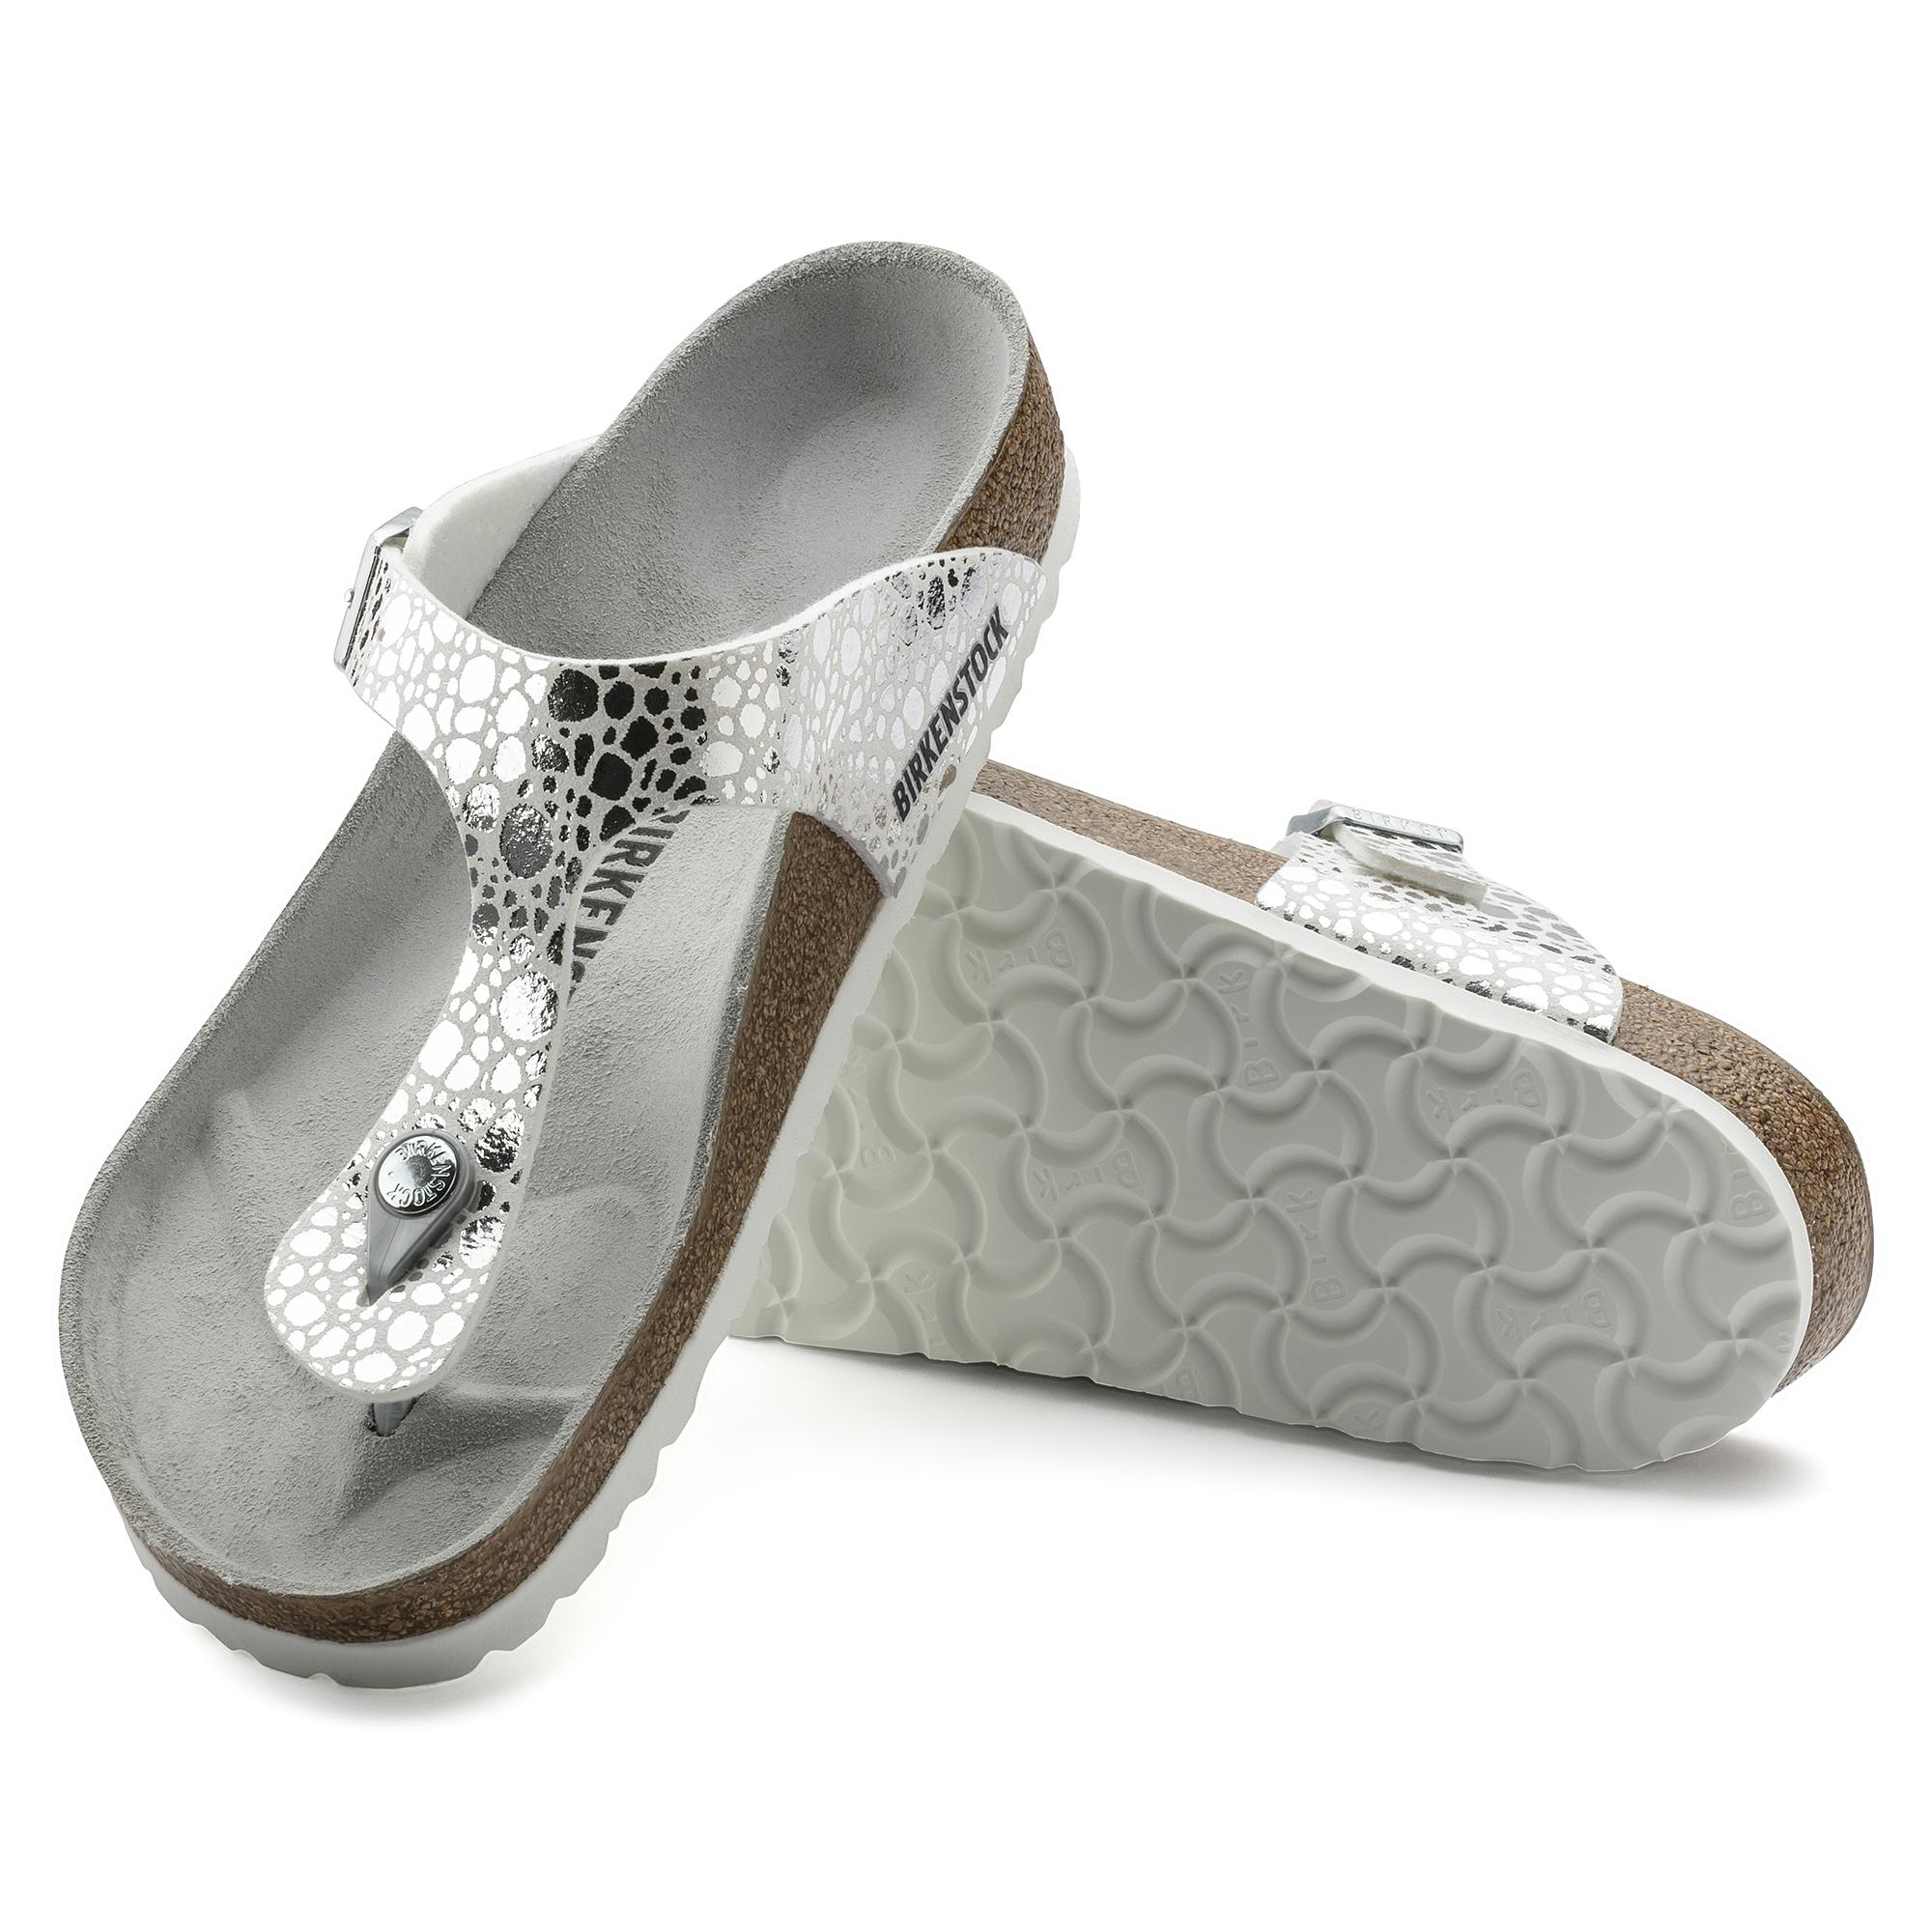 0b39cad0ced Gizeh Birko-Flor Metallic Stones Silver ...